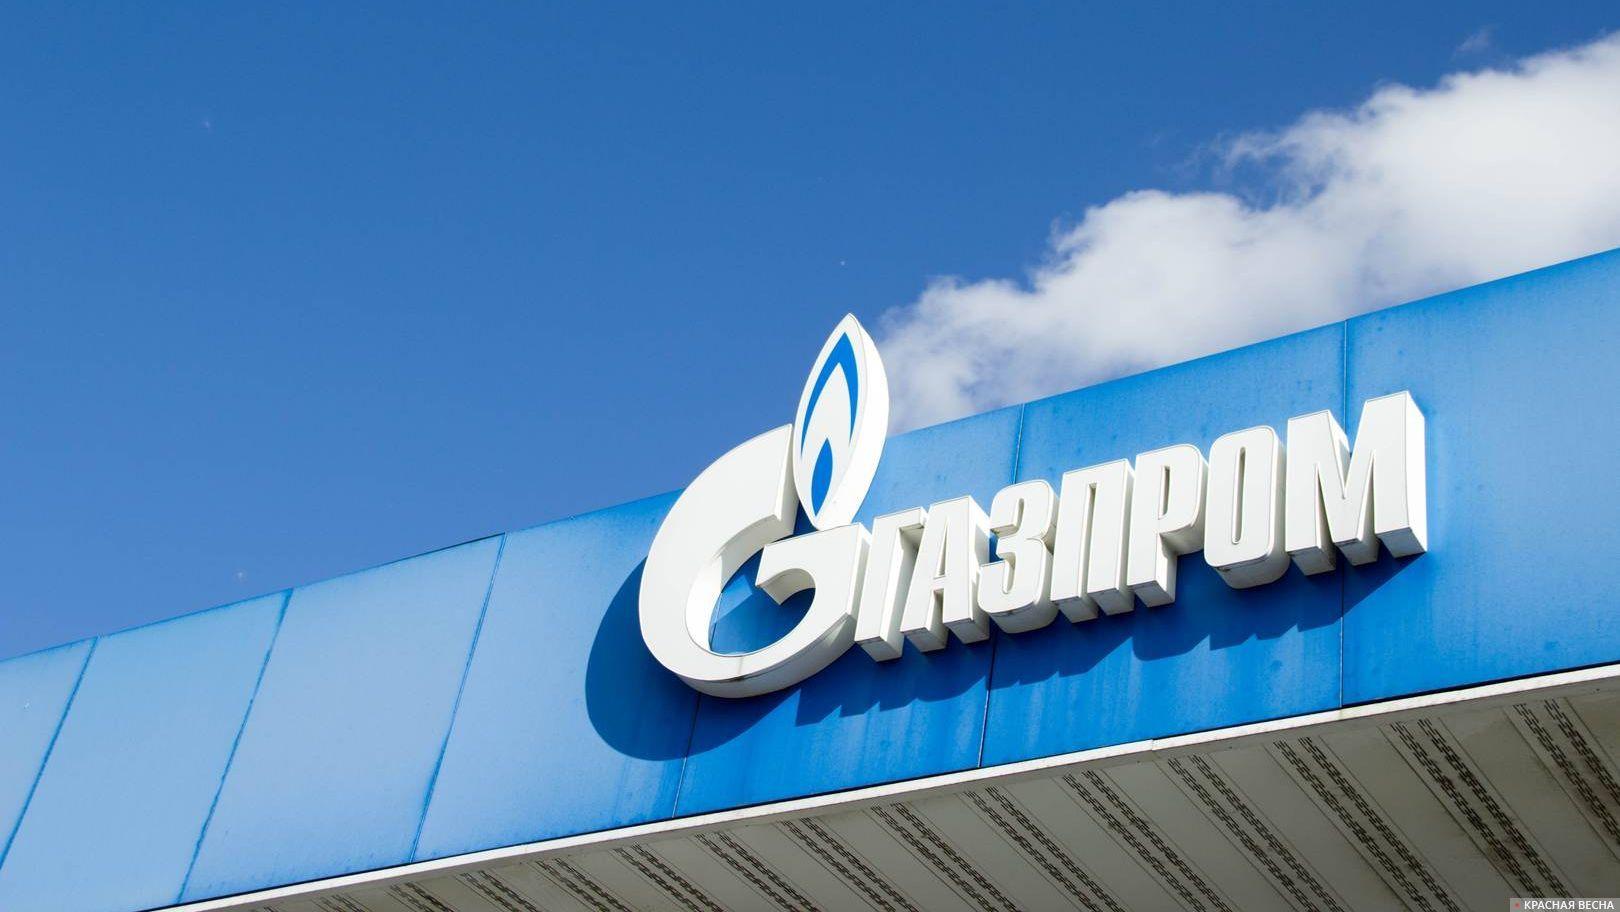 Газпром. Вывеска